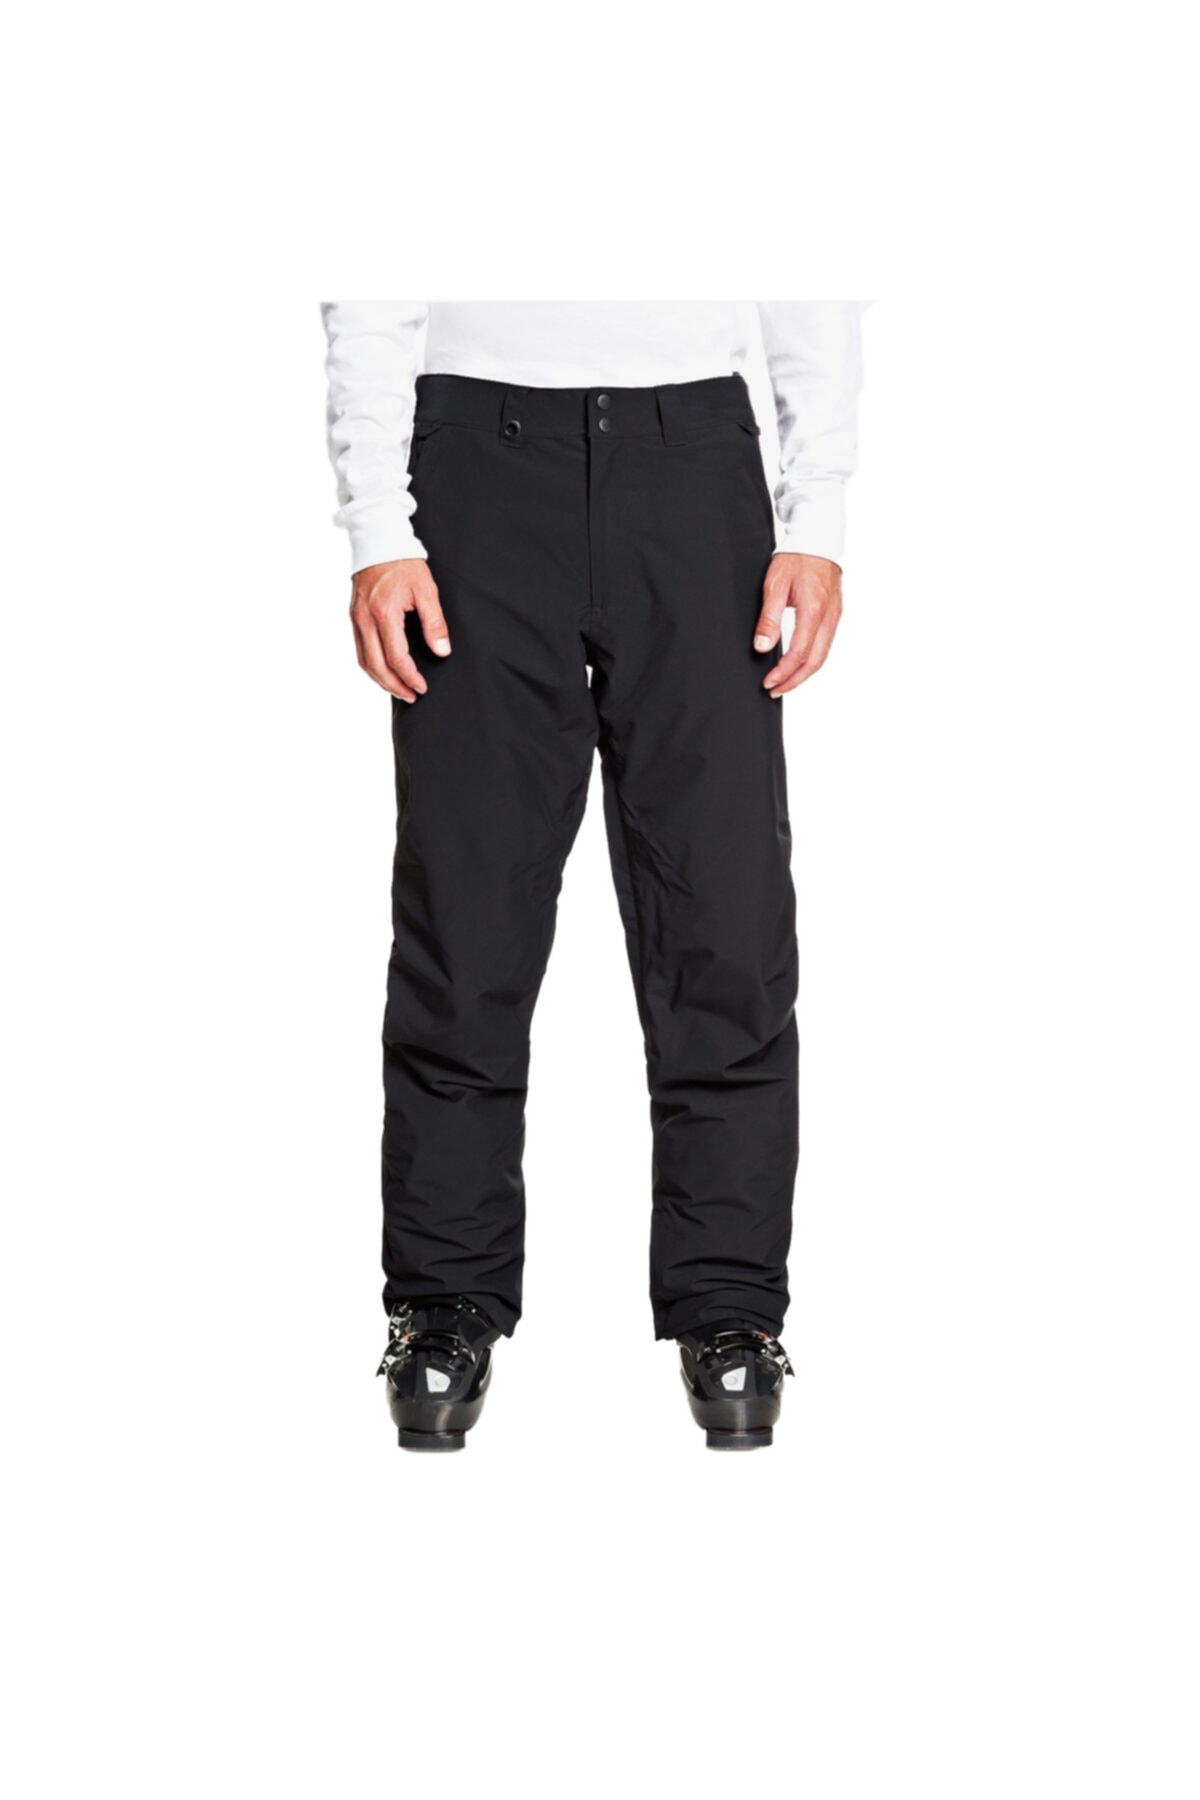 ESTATE PT M SNPT NKP0 Siyah Erkek Kayak Pantalonu 101068430